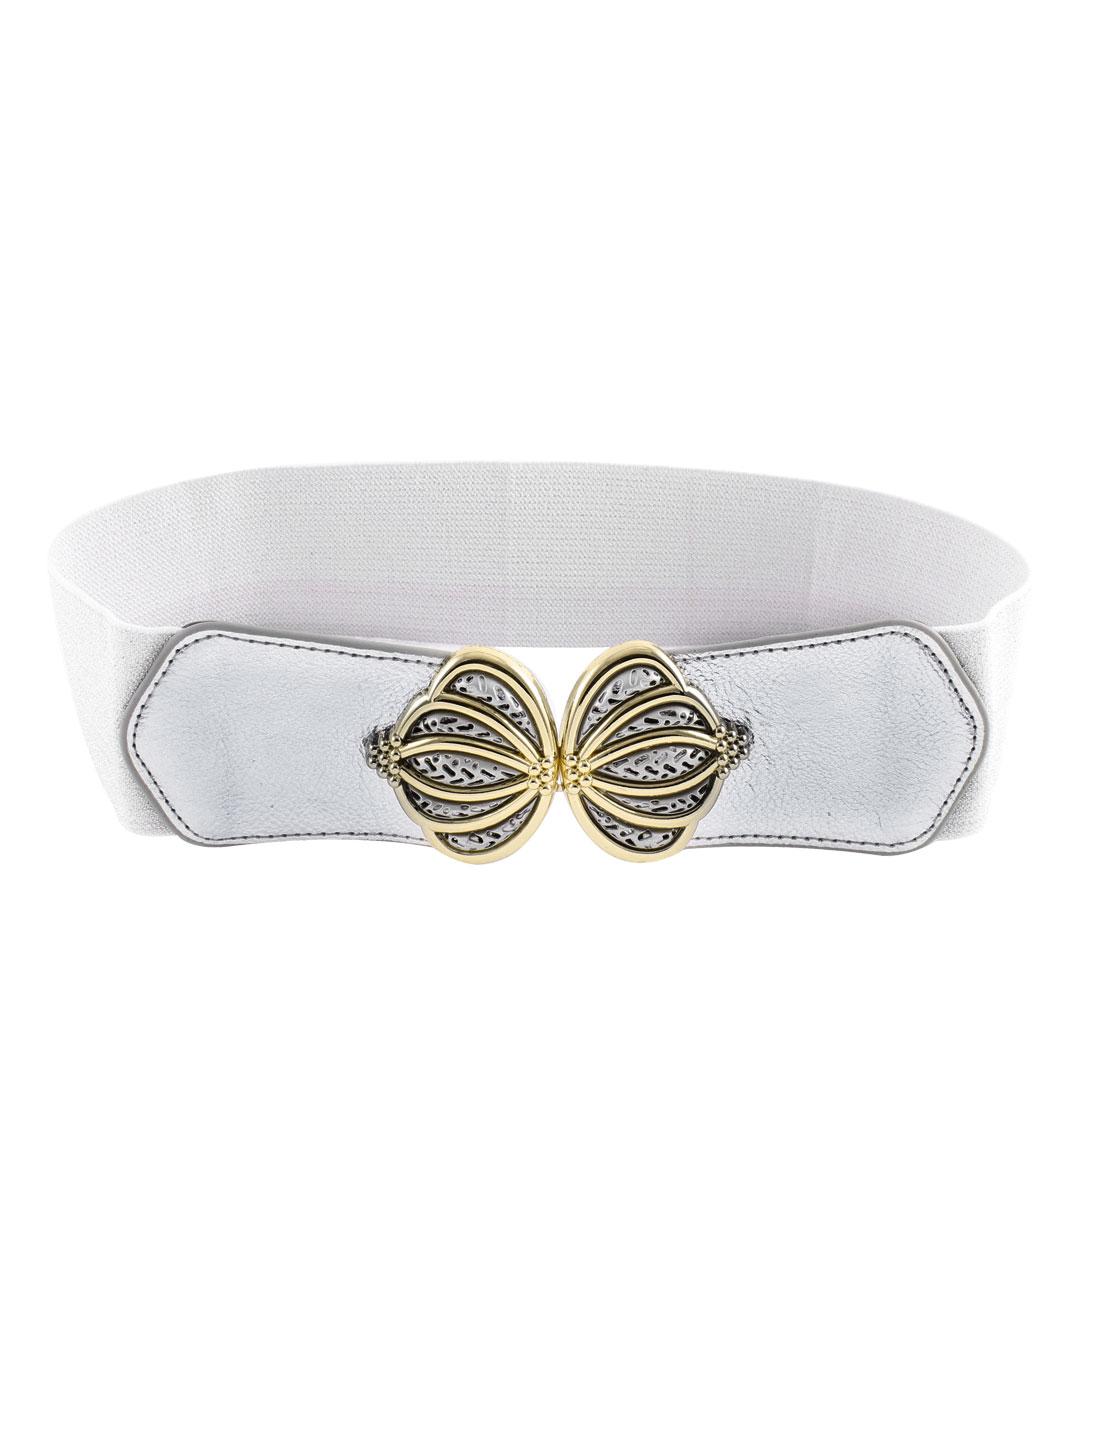 Lady Crown Shape Interlocking Buckle Powder Elastic Waist Belt Cinch Silver Gray